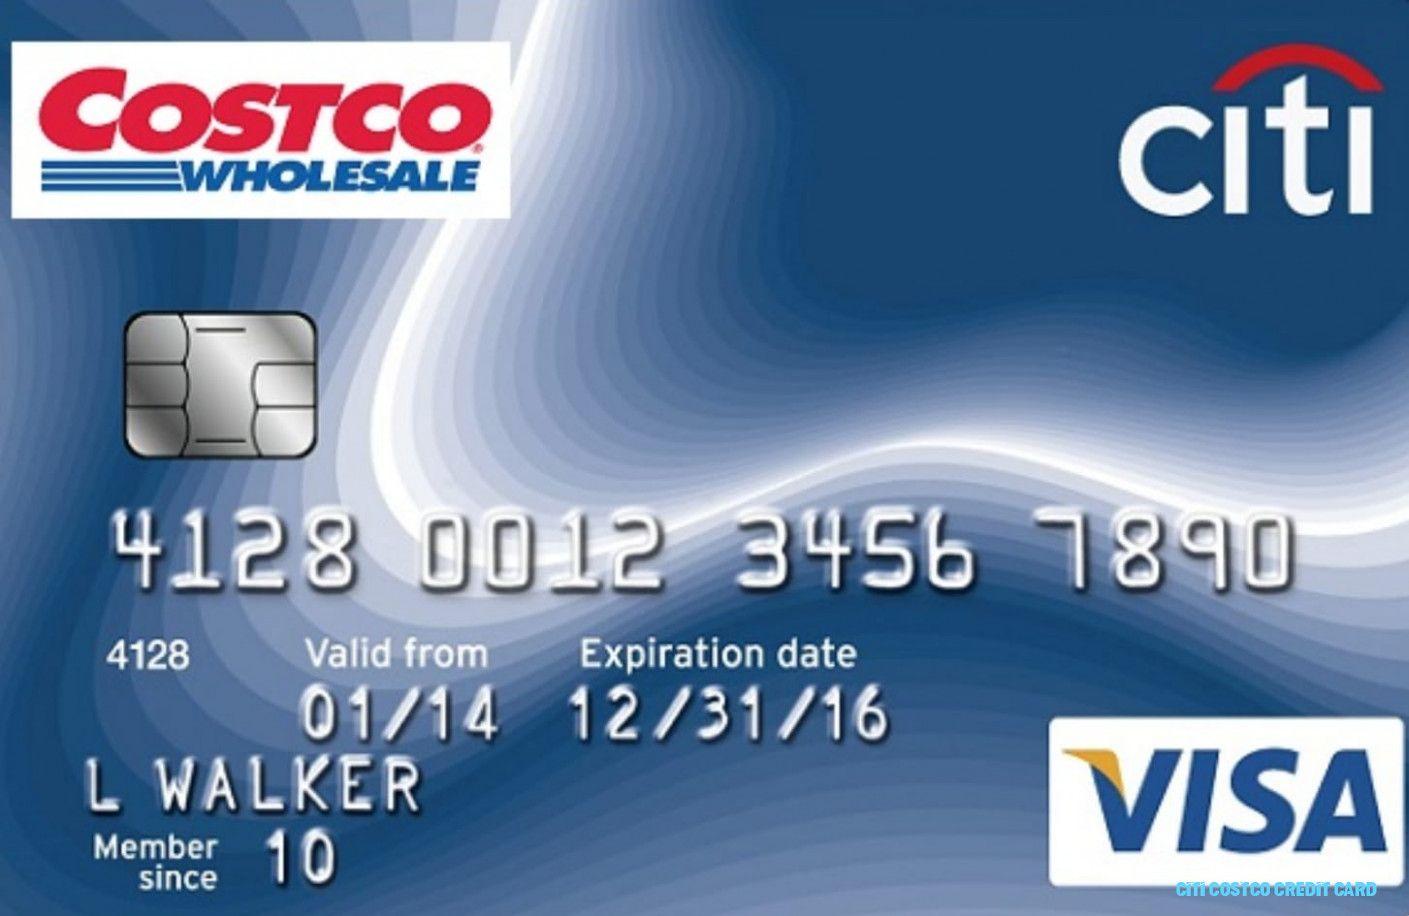 8 Quick Tips For Citi Costco Credit Card  citi costco credit card